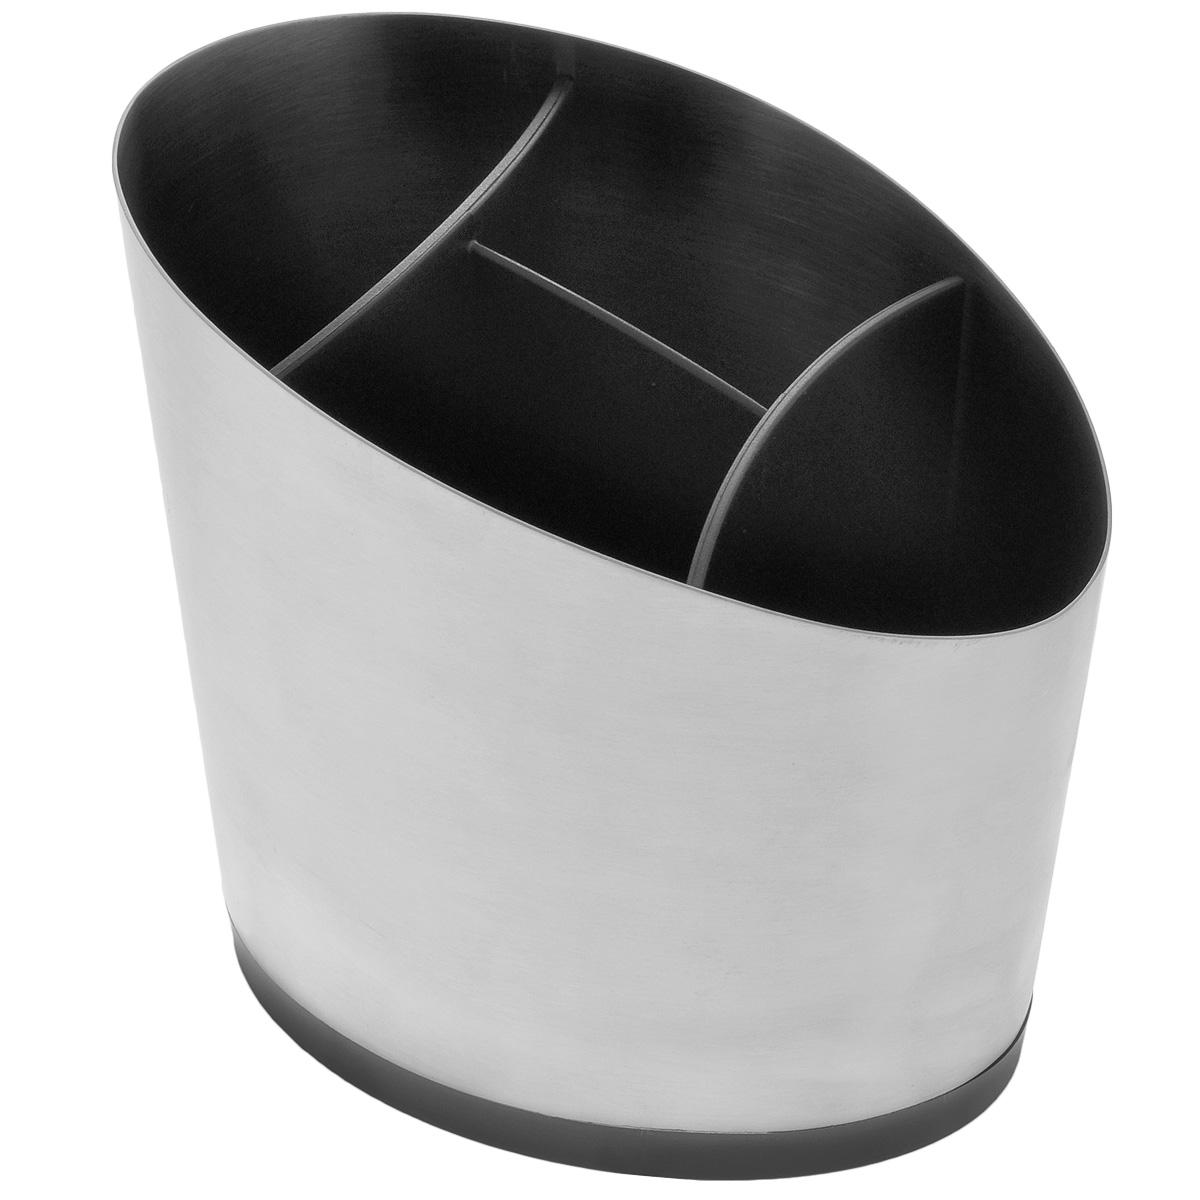 Сушилка для кухонной утвари Tescoma President639079Роскошная сушилка для кухонной утвари Tescoma President подходит для сушки и хранения кухонной утвари, столовых приборов и т.д. Изготовлена из высококачественной нержавеющей стали с матовой полировкой и прочной пластмассы. Пластиковый вкладыш содержит 4 секции для удобного раздельного хранения, дно оснащено специальными отверстиями, через которые вода стекает вниз. Разборная конструкция для легкой очистки. Можно мыть в посудомоечной машине.